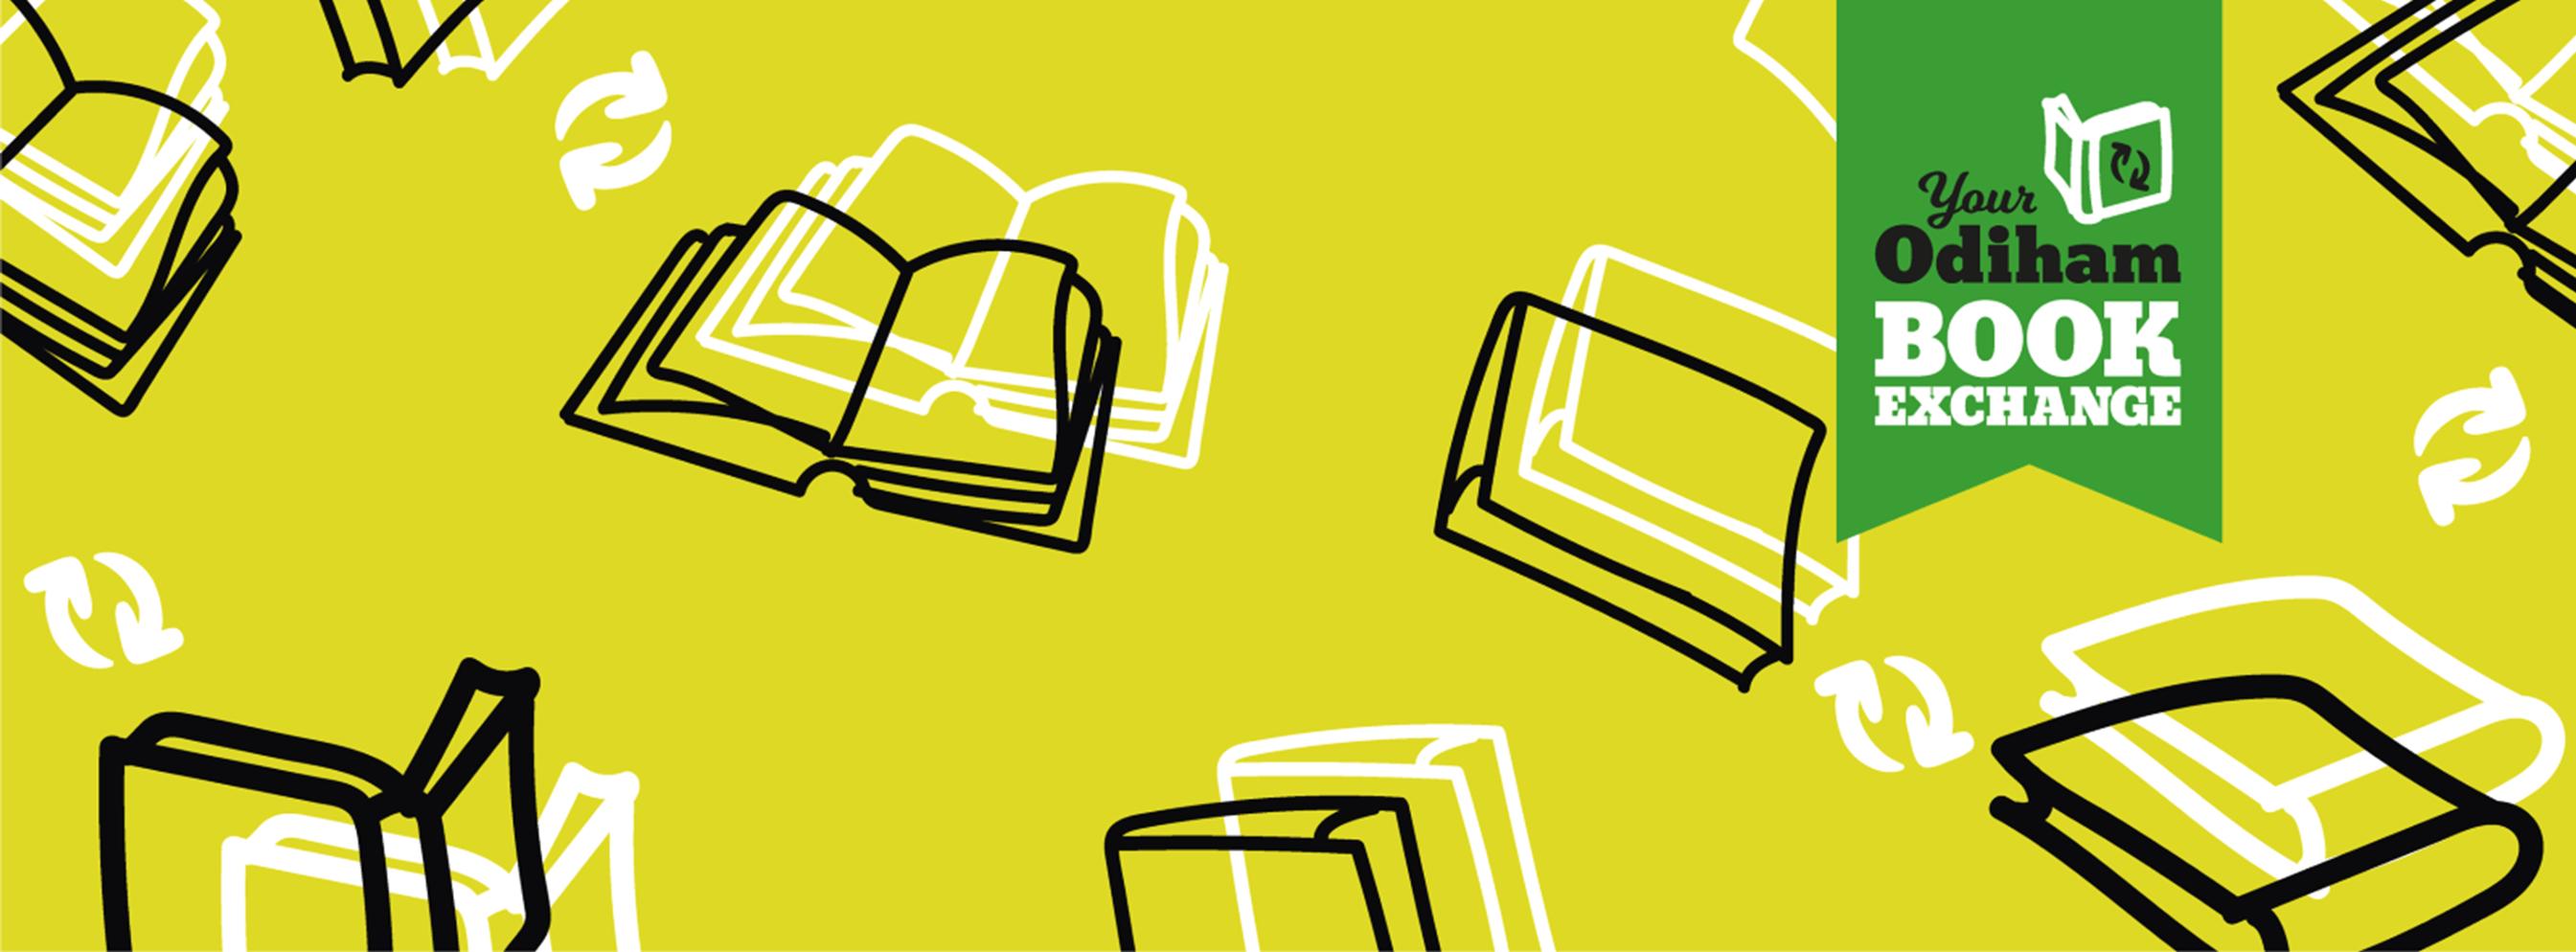 Book Exchange header